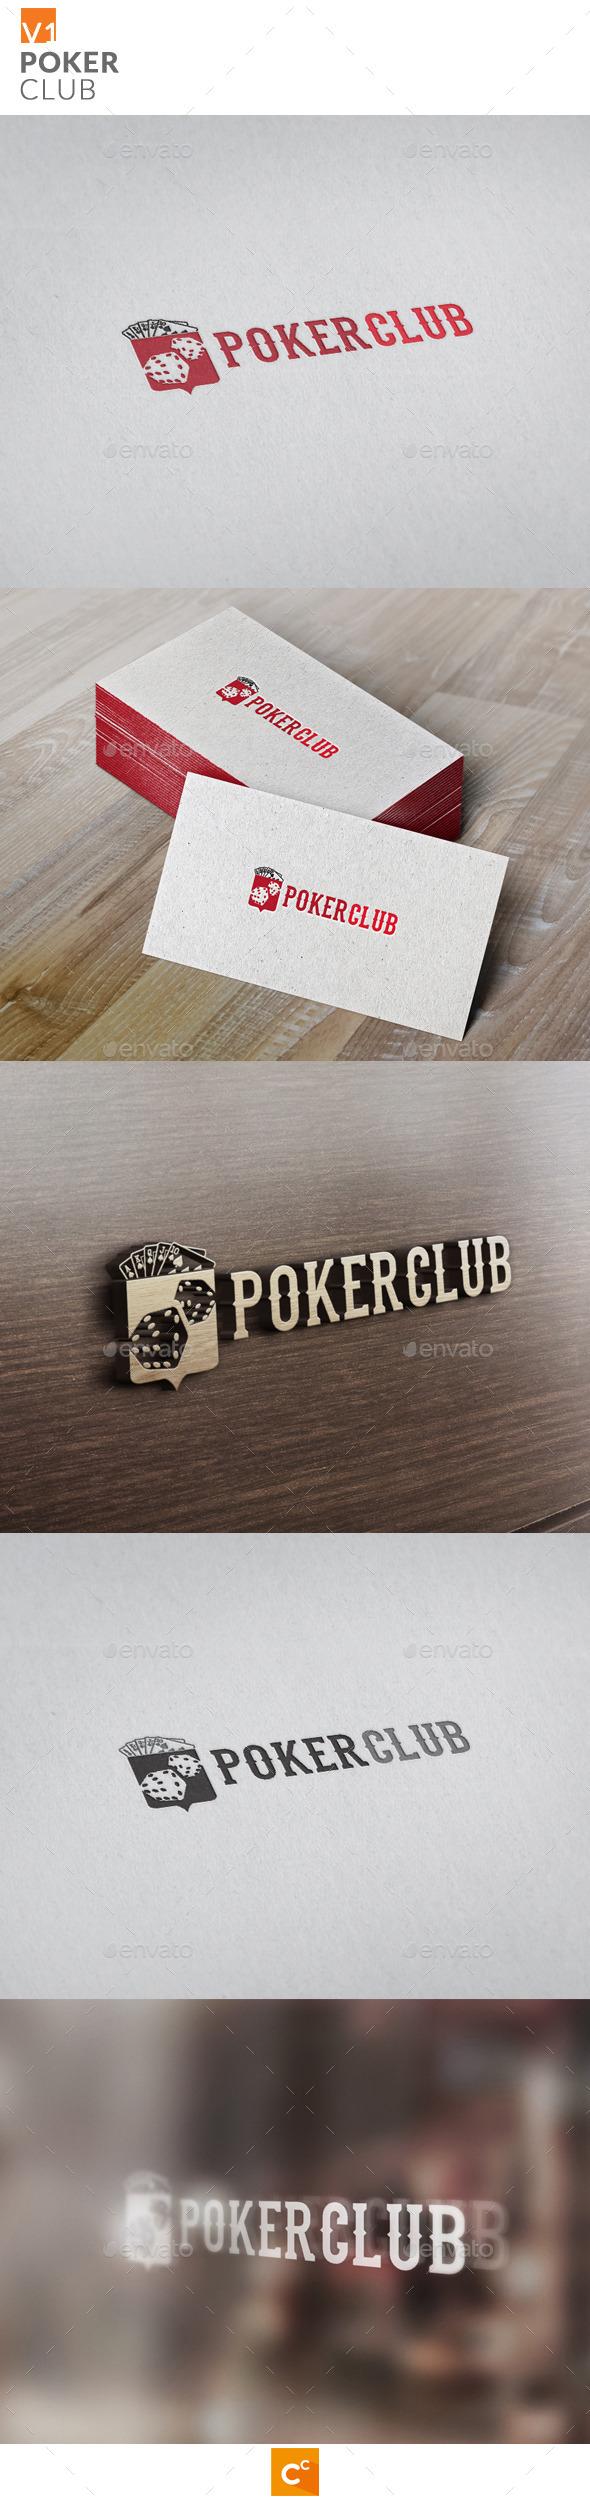 Poker Club v2